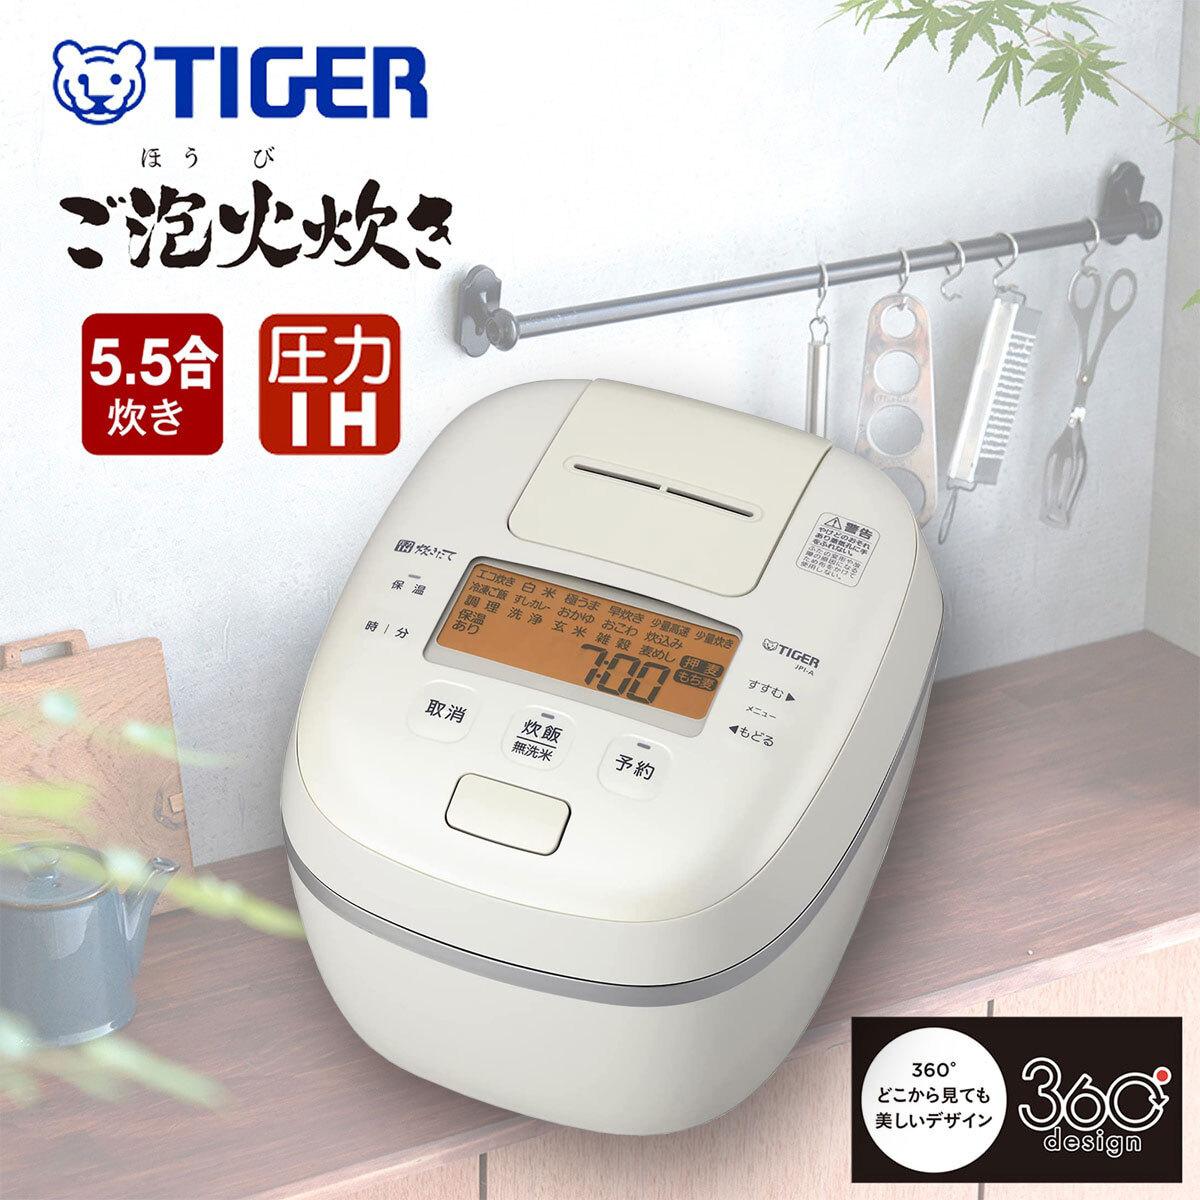 タイガー魔法瓶 圧力IH炊飯器 炊きたて ご泡火炊き 5.5合炊き オフホワイト JPI-A100-WO